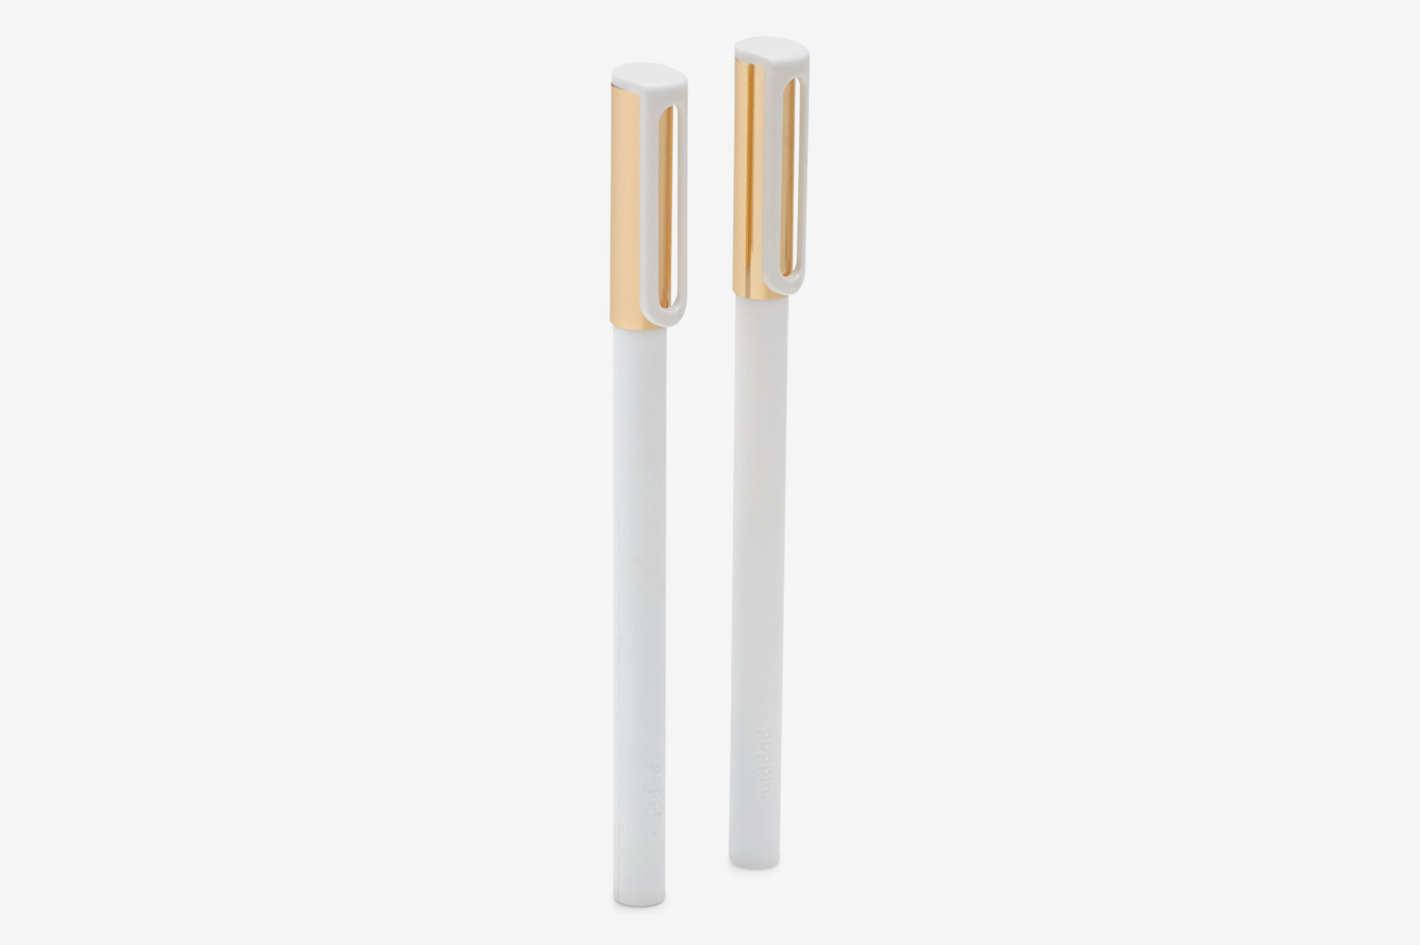 Poppin Metallic-Tip Roller Pens